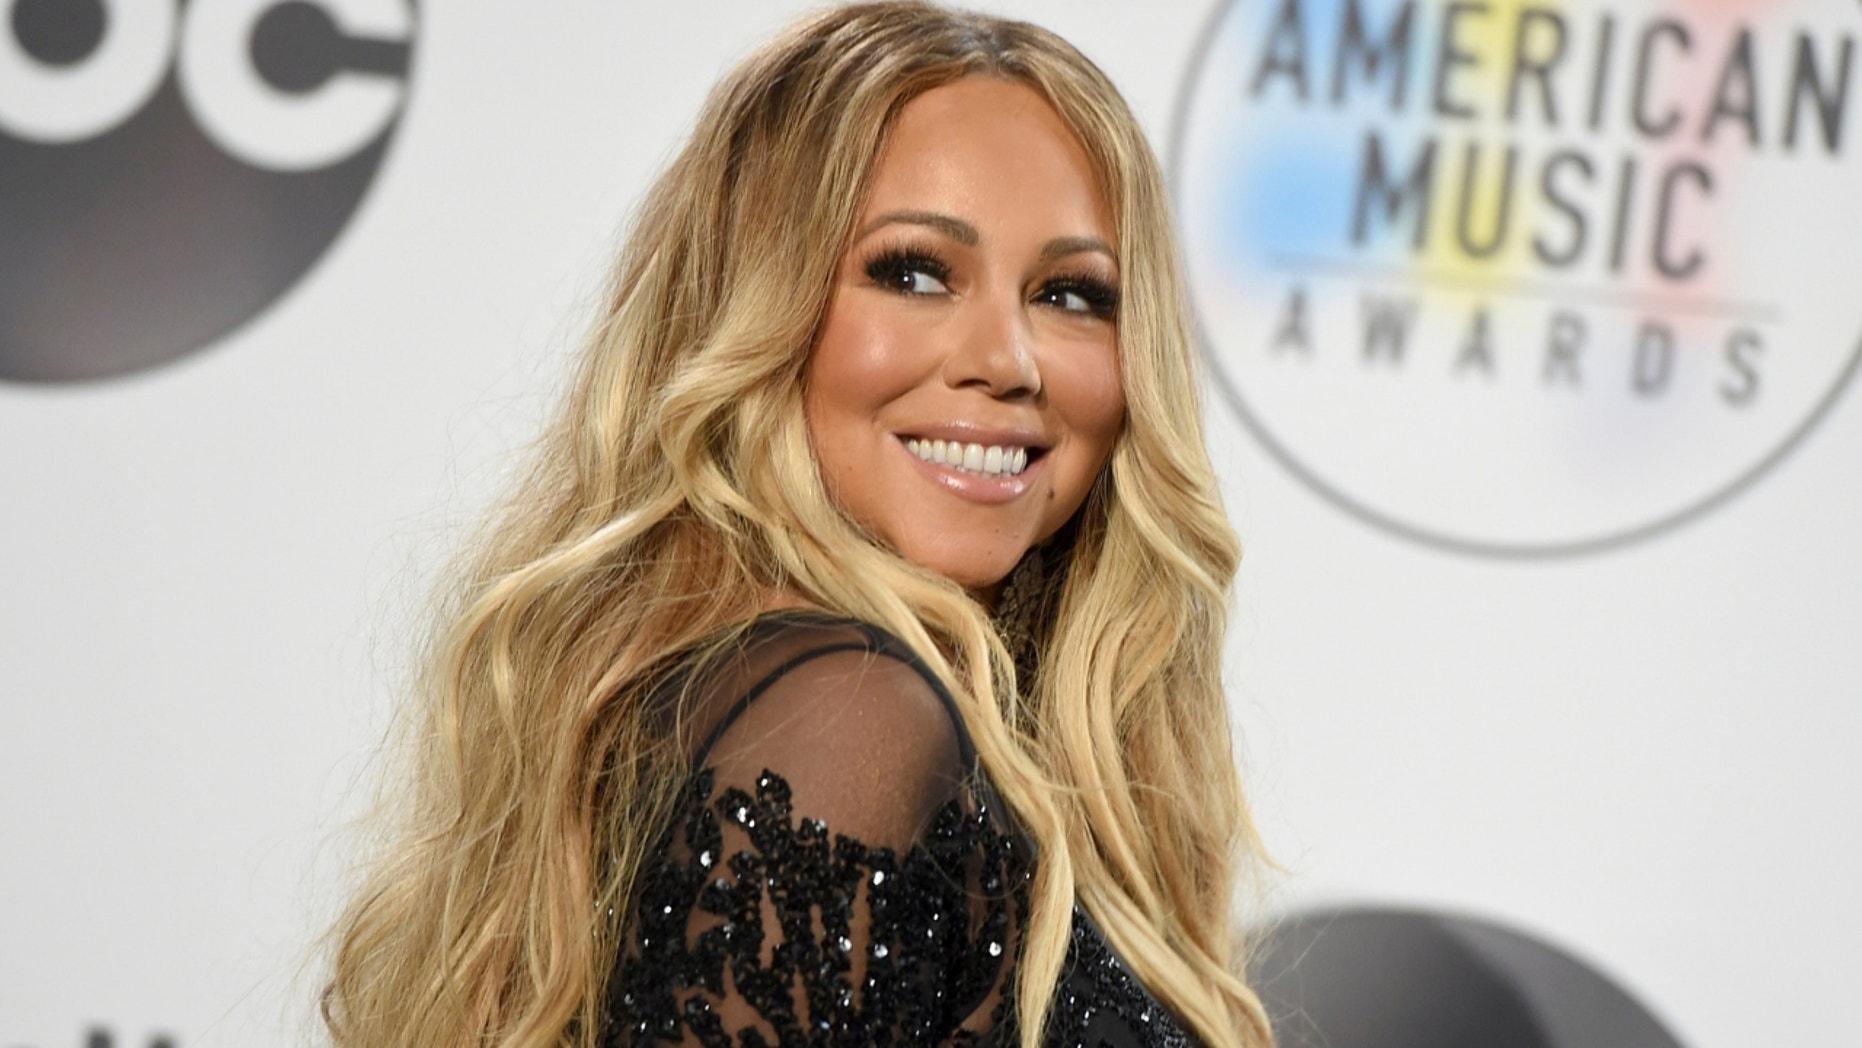 Singer Mariah Carey stunned in a sparkling string bikini.